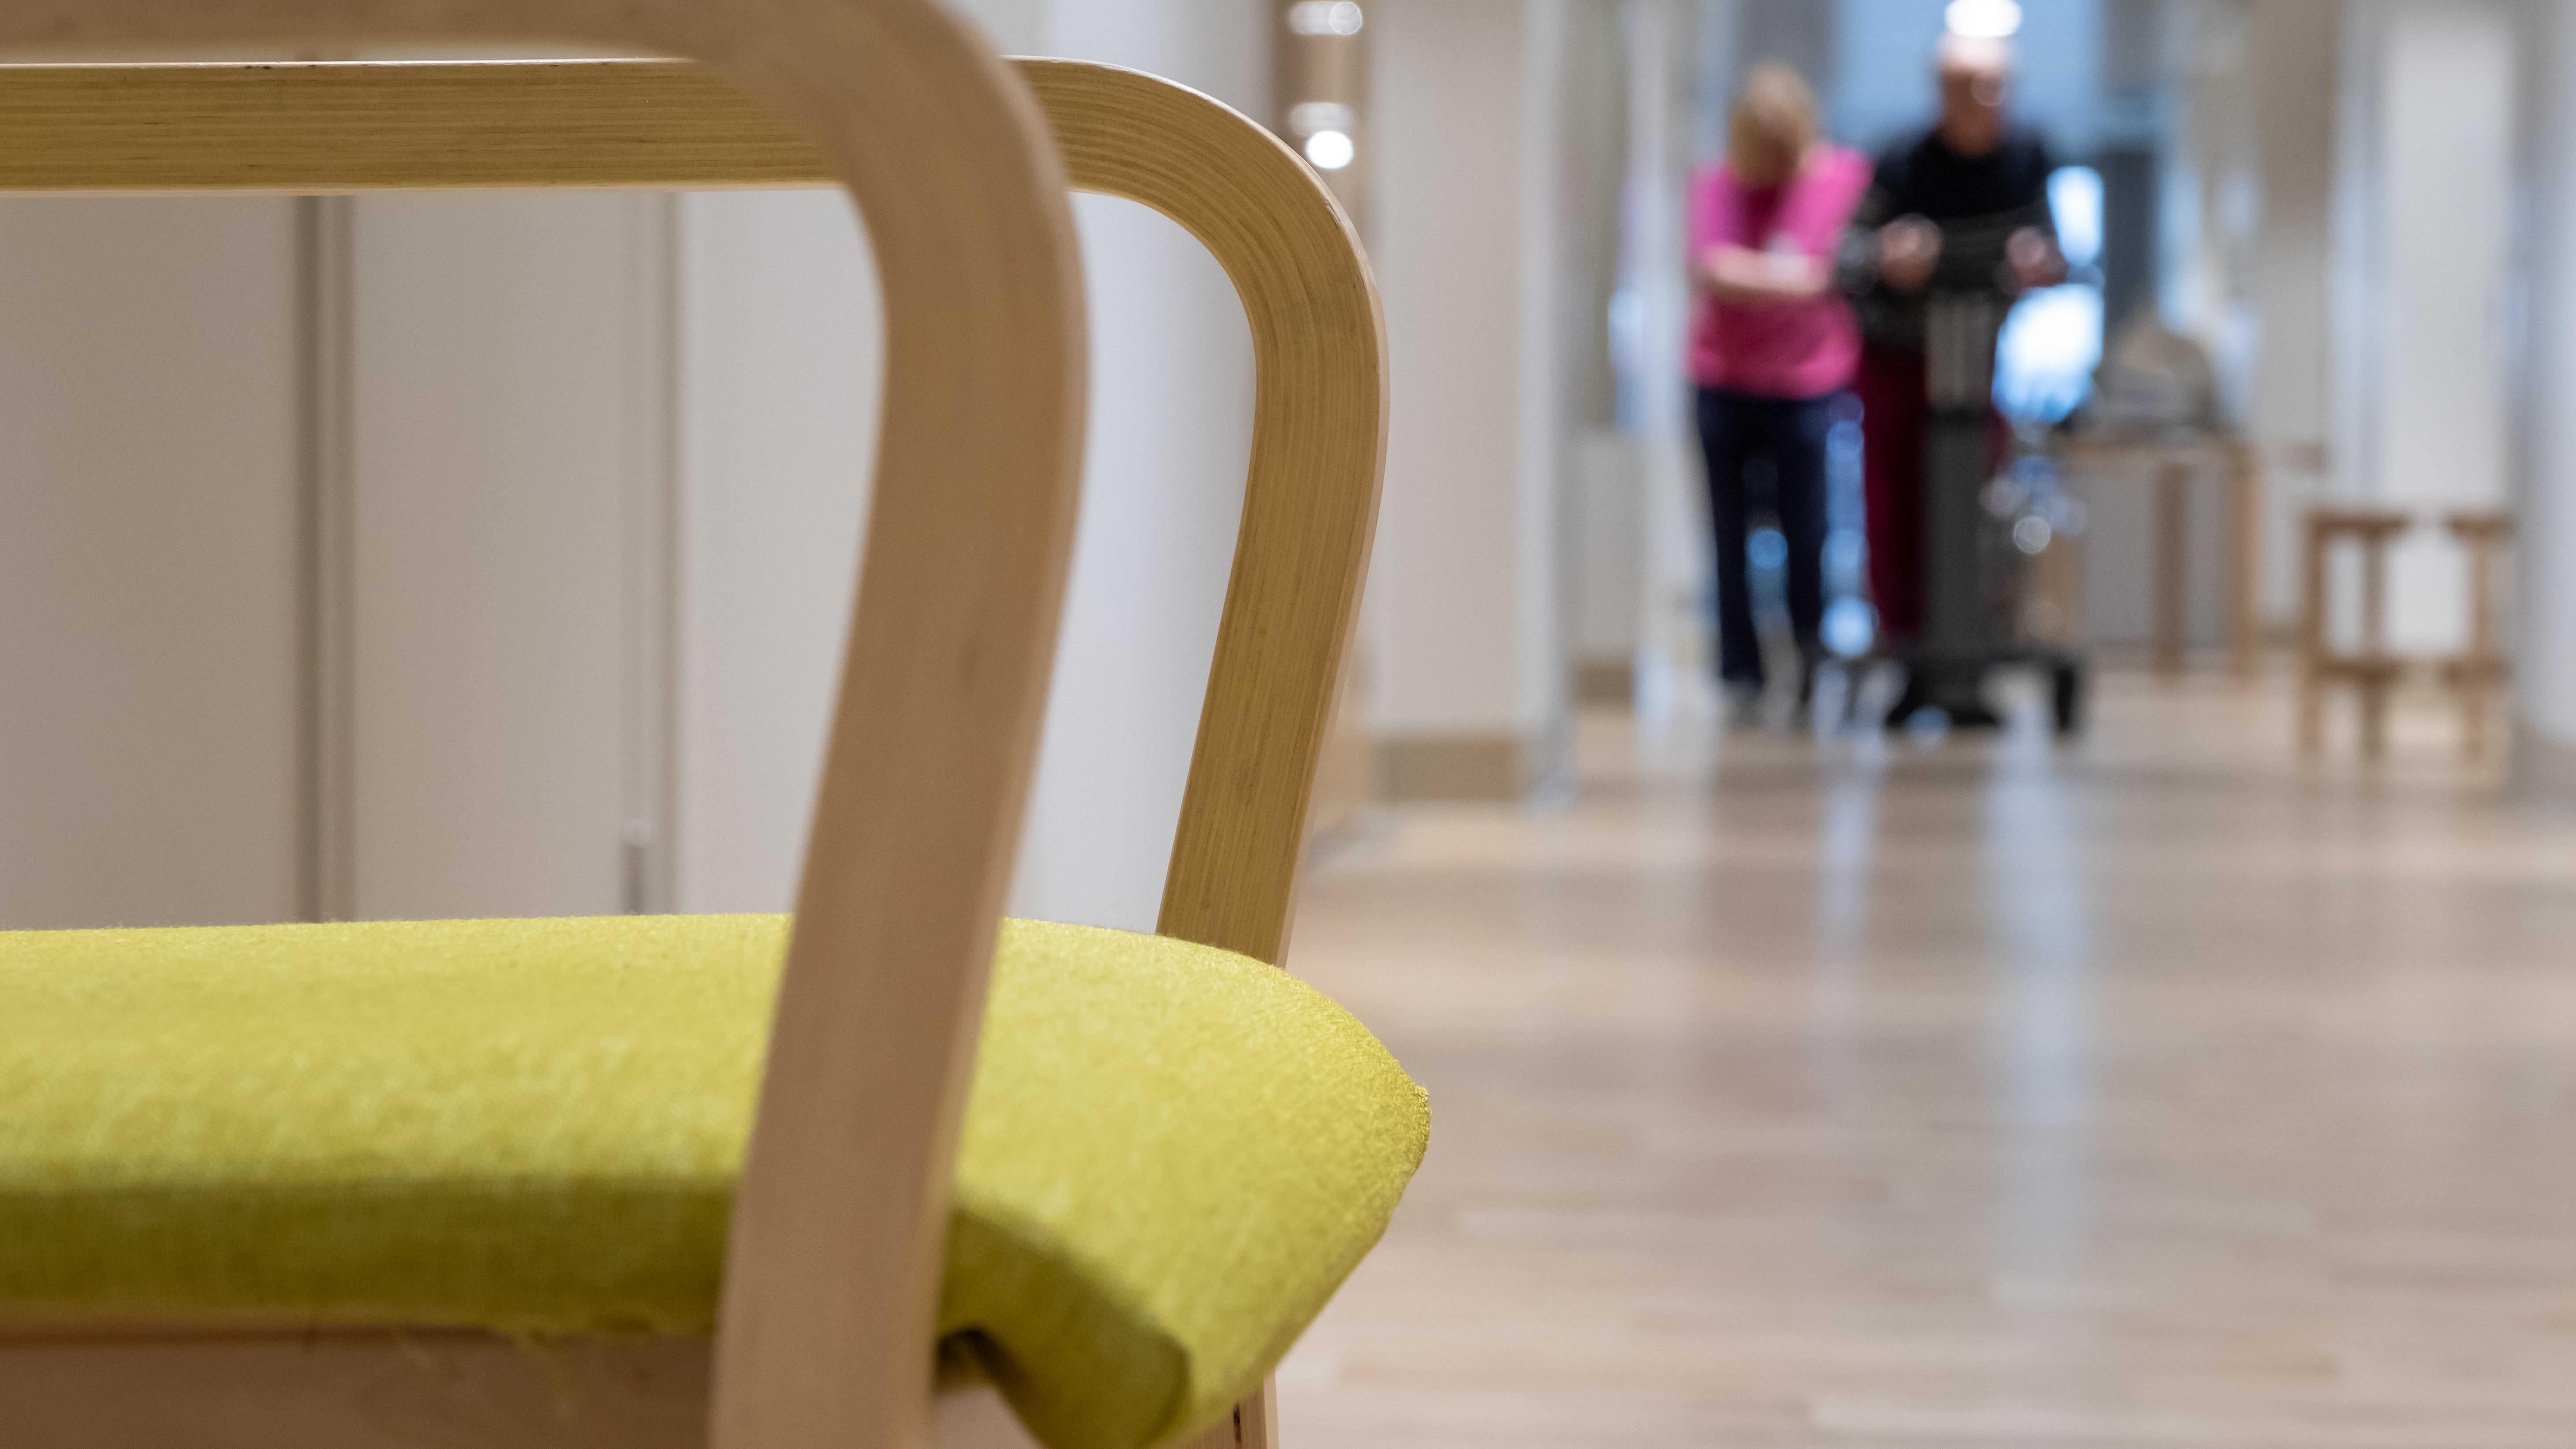 Fysioterapeutti avustaa vanhusta kävelyharjoituksessa Myyrmäen vanhustenkeskuksessa. Etualalla kuvassa tuoli.